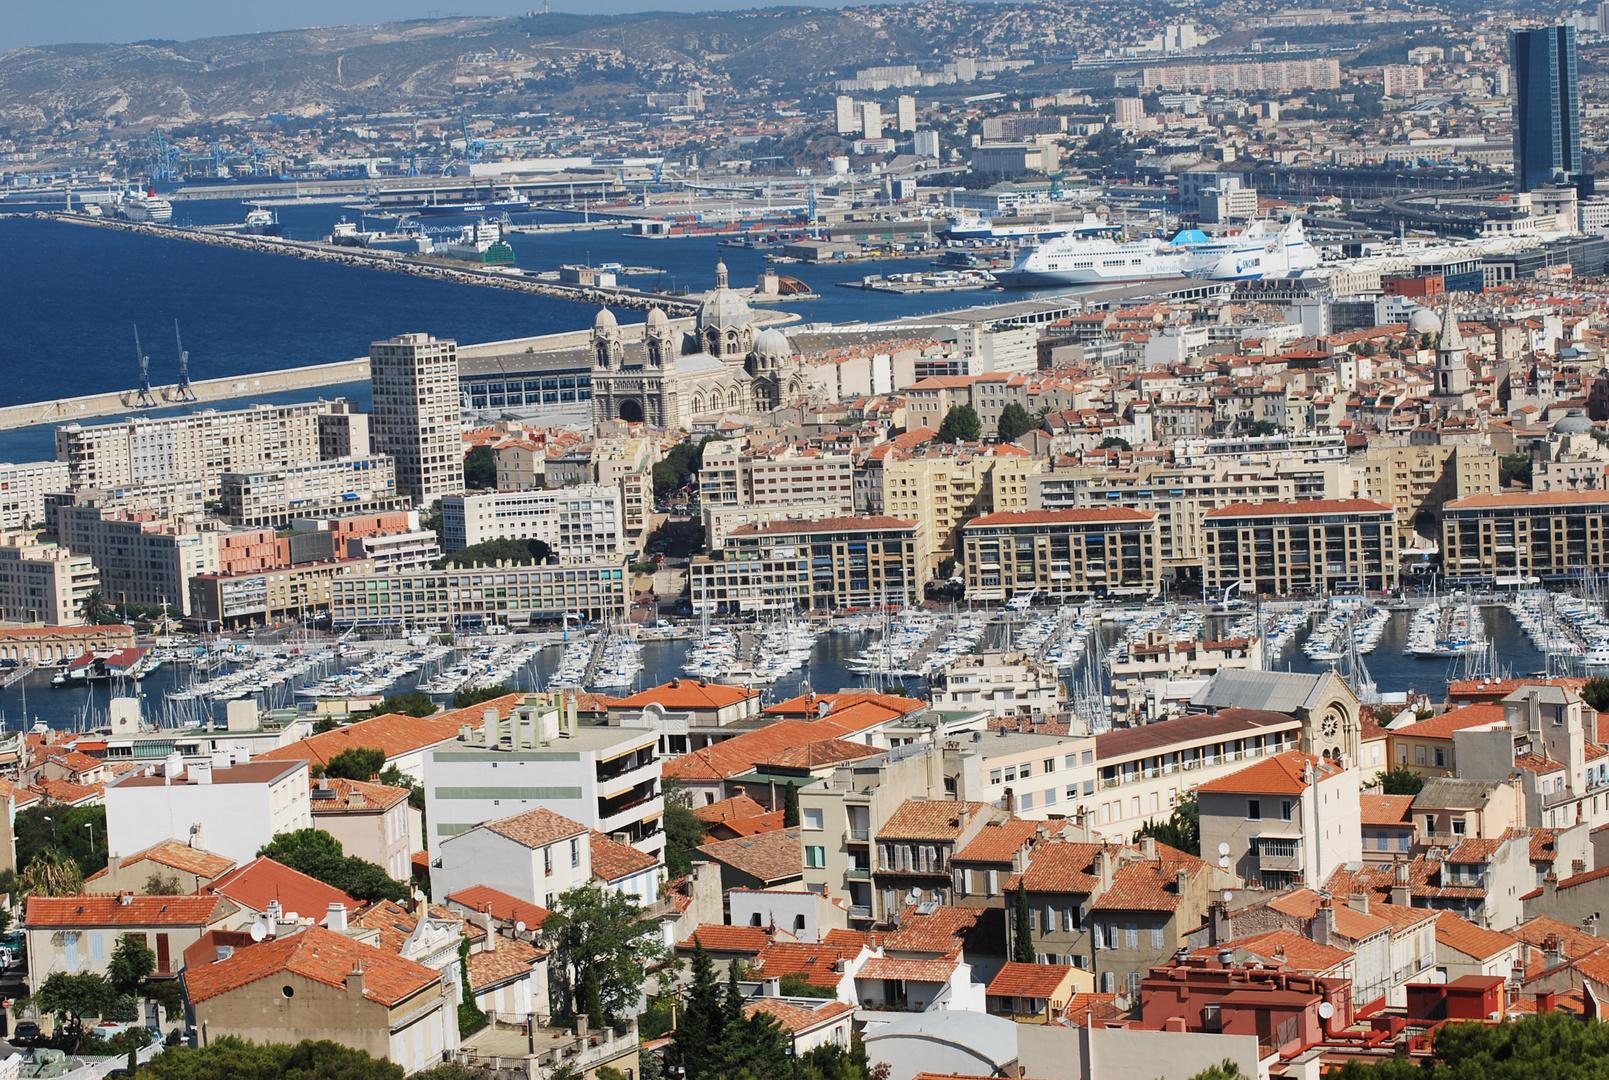 Vieux port et port de Marseille